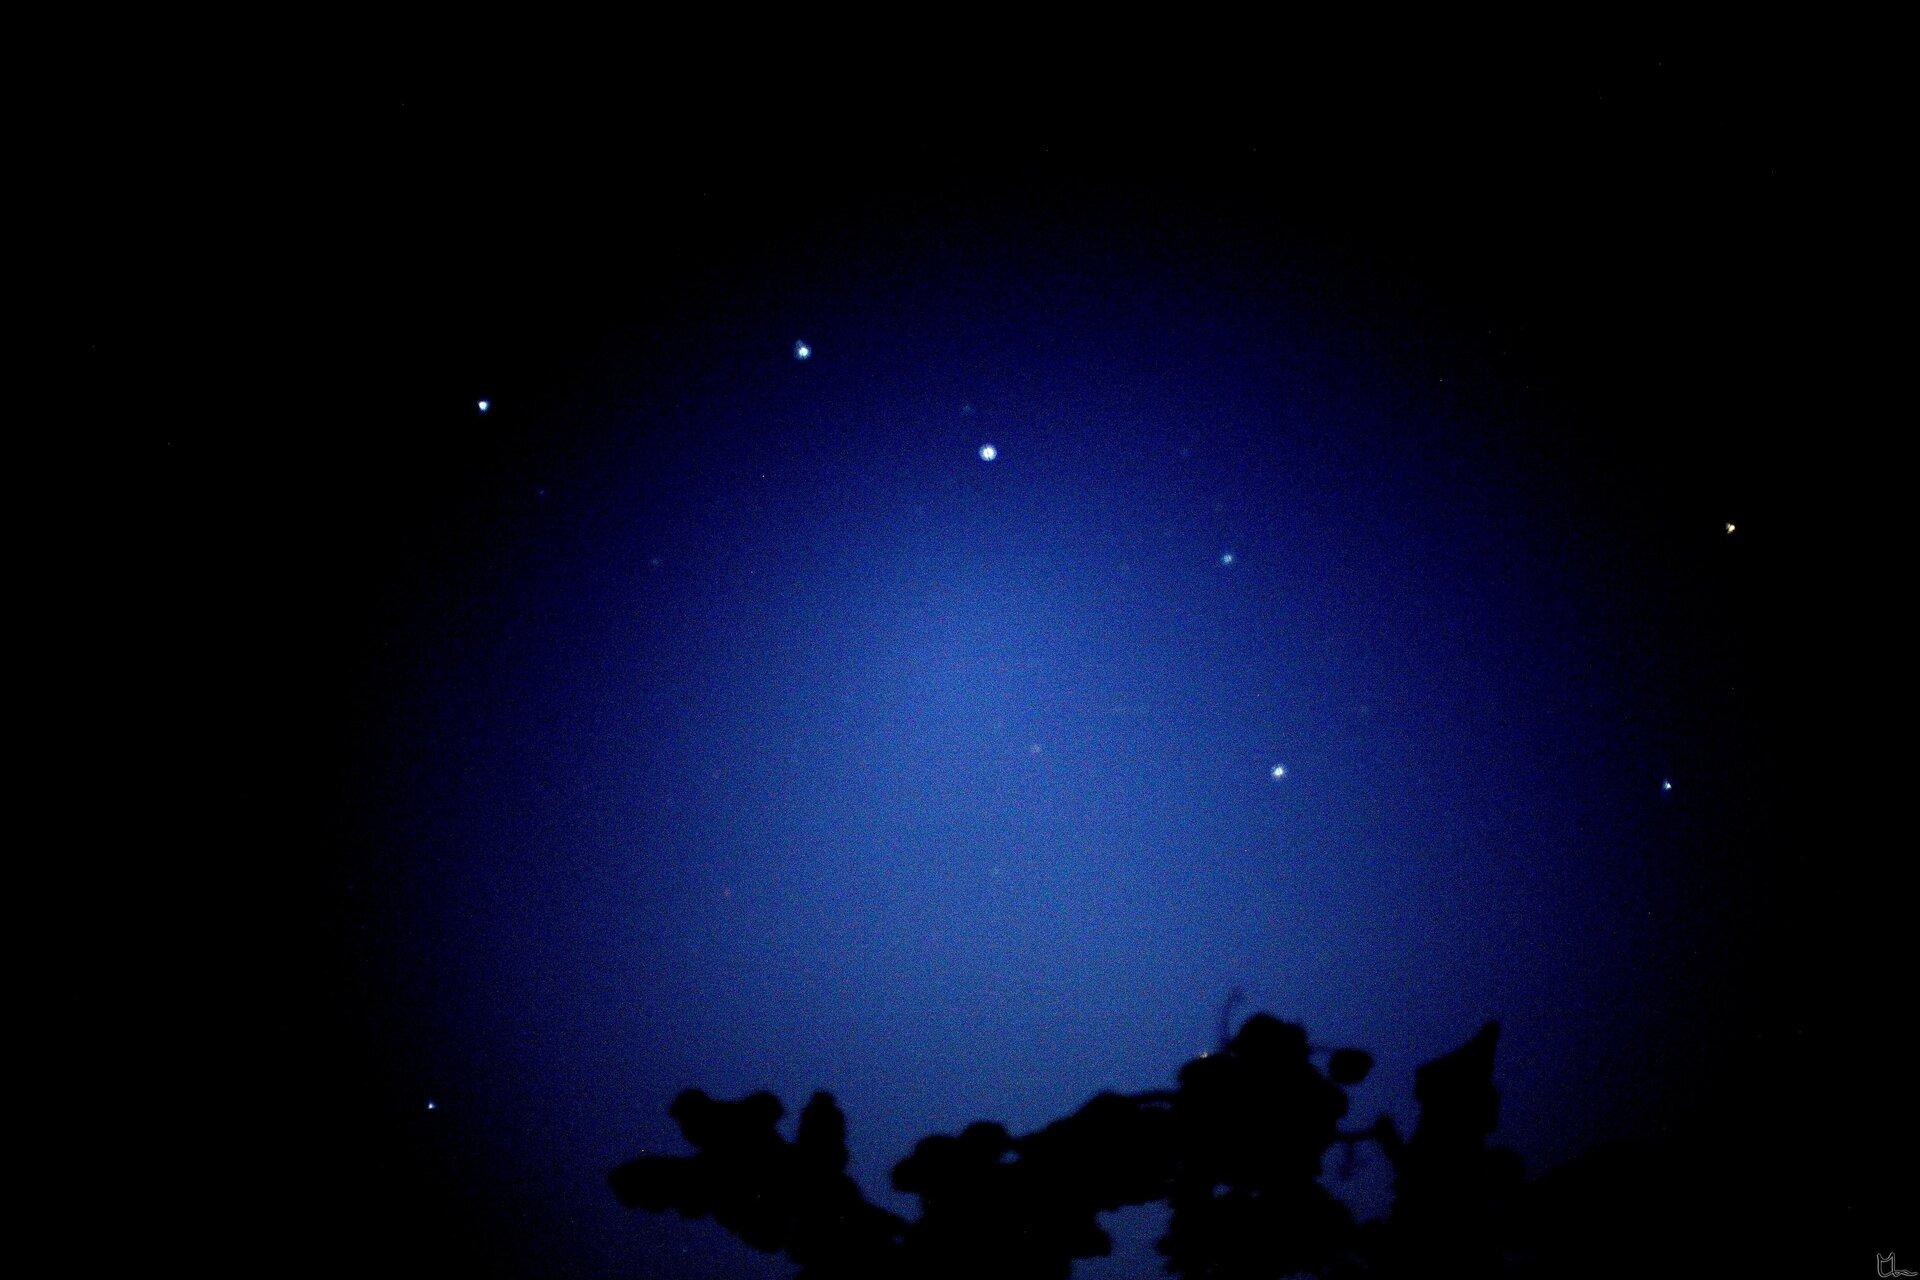 Na zdjęciu niebo nocą, gwiazdozbiór Wielki Wóz składający się zkilku gwiazd ułożonych wkształt wozu zdyszlem zlewej strony.